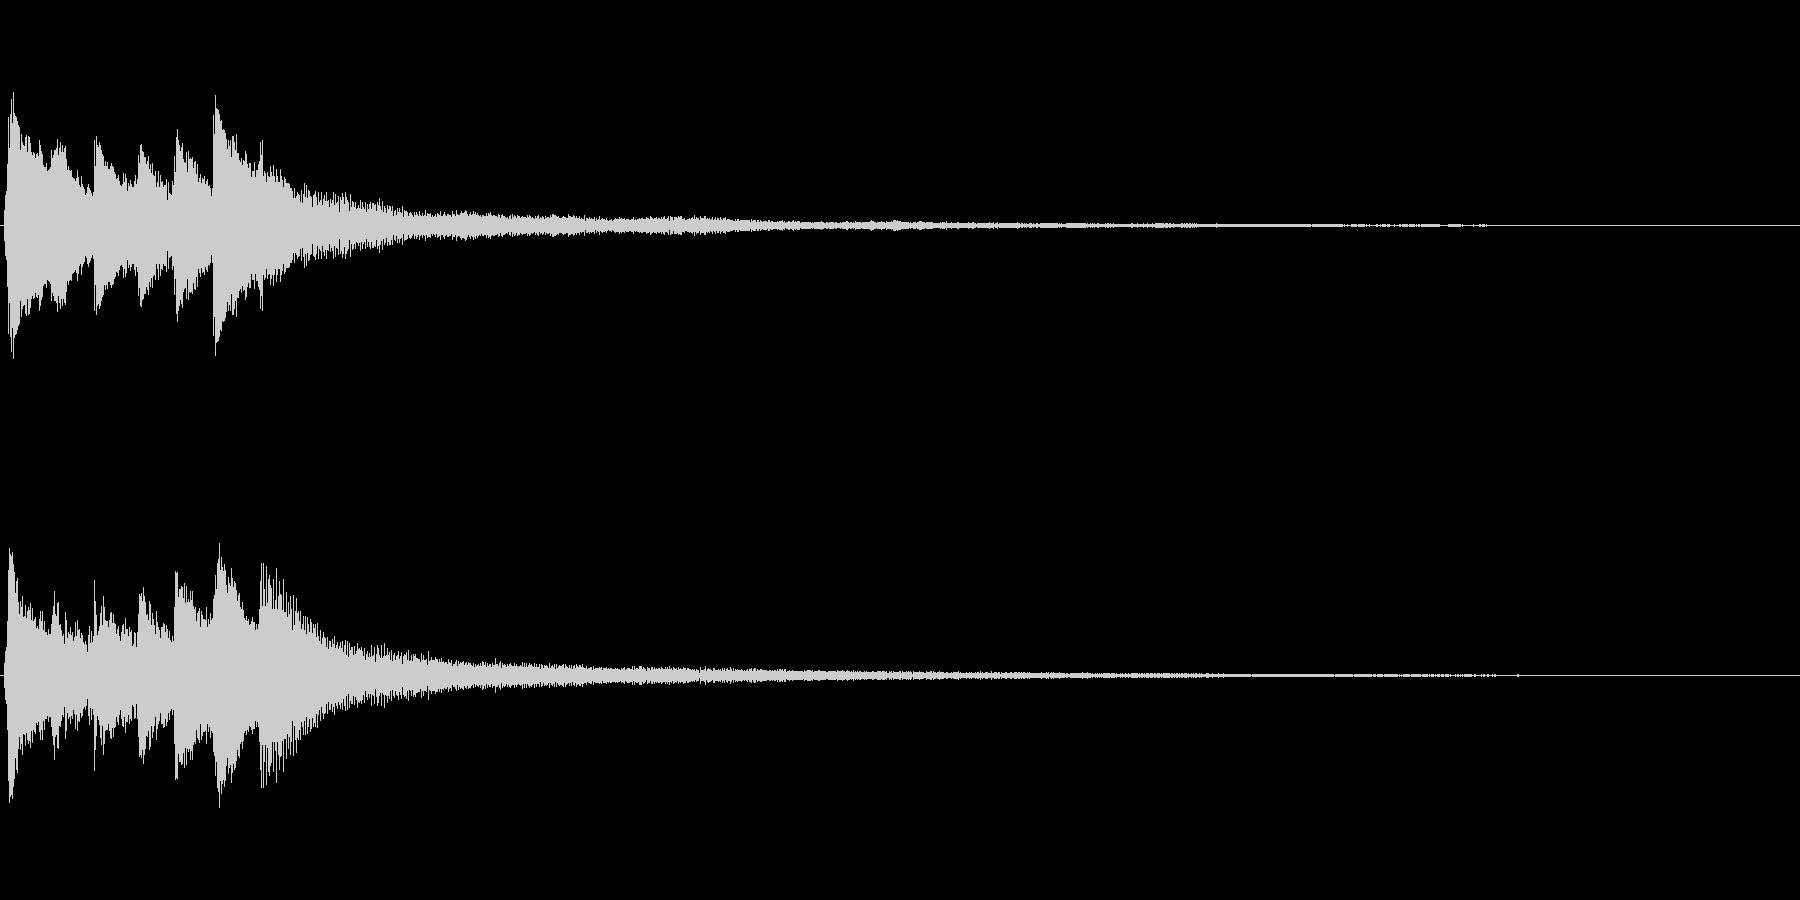 ピアノソロサウンドロゴ 優雅 大人 07の未再生の波形